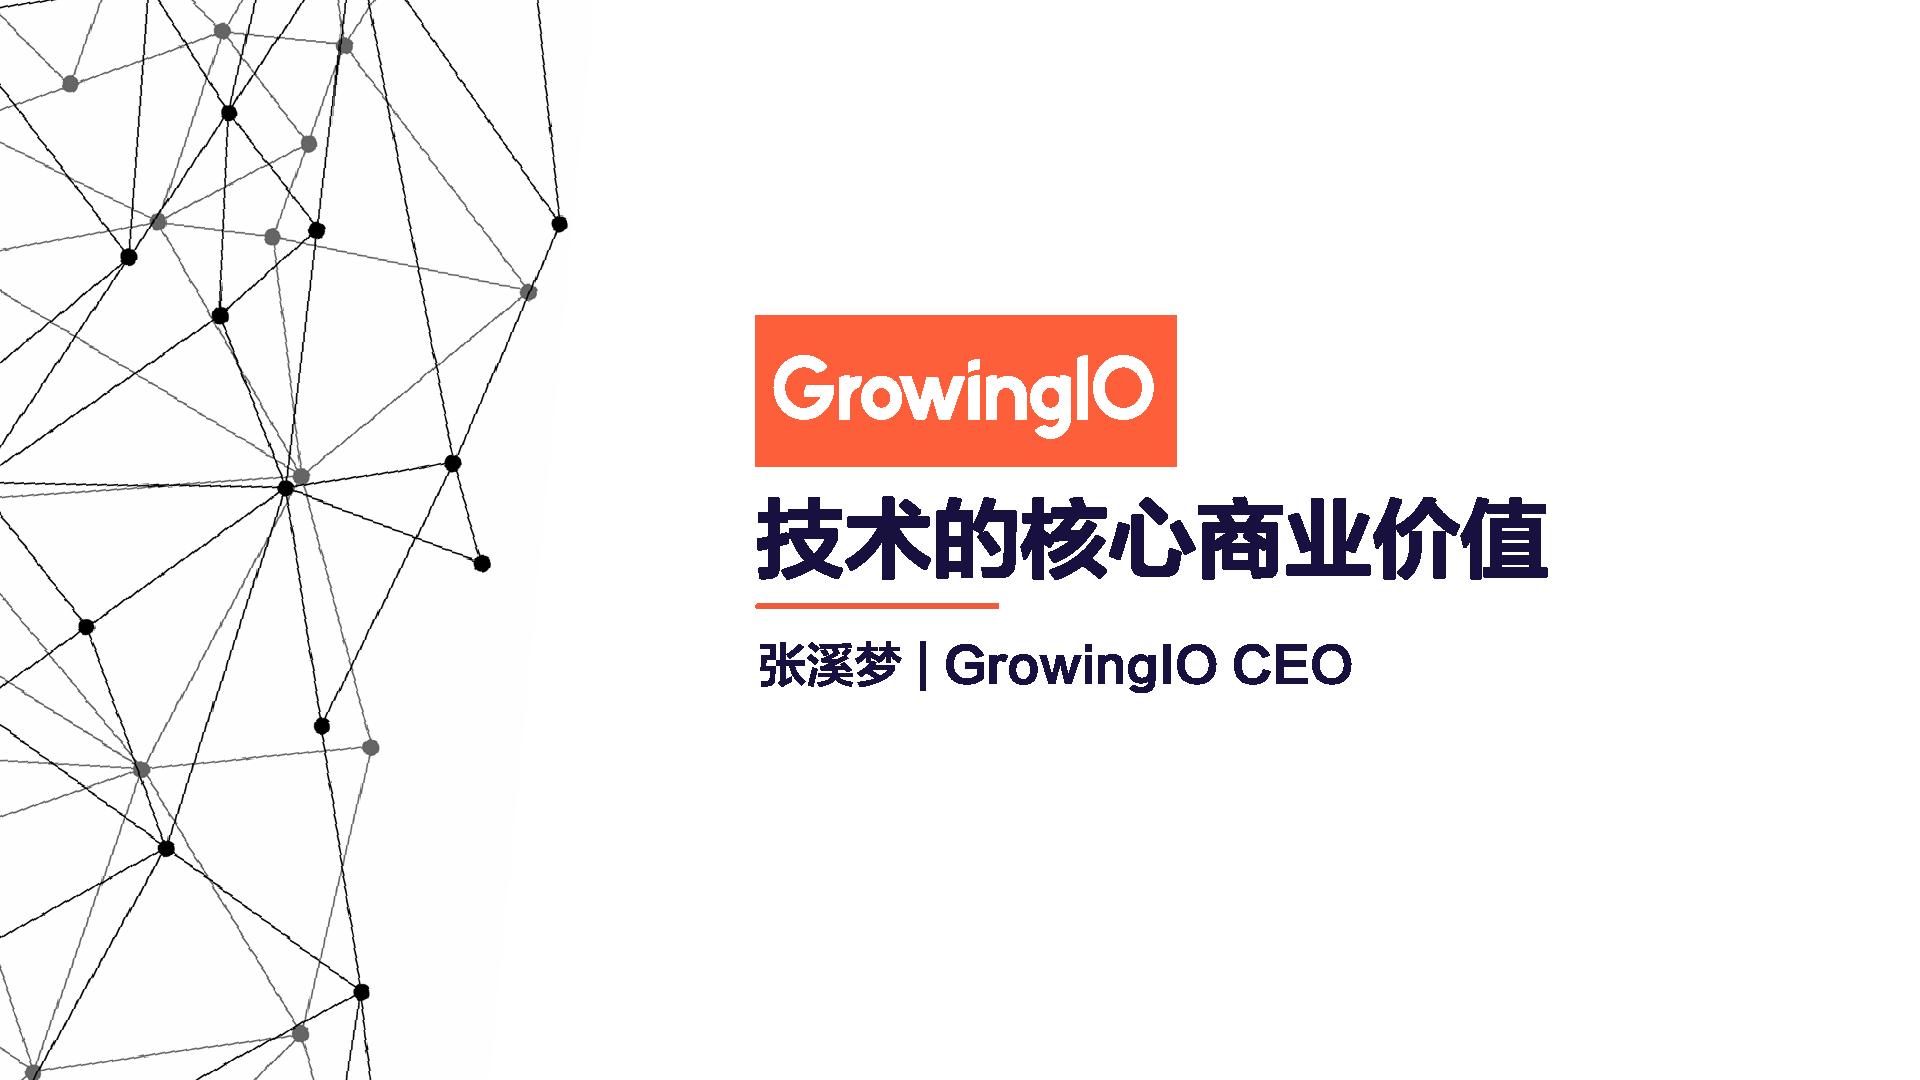 张溪梦-技术的核心商业价值